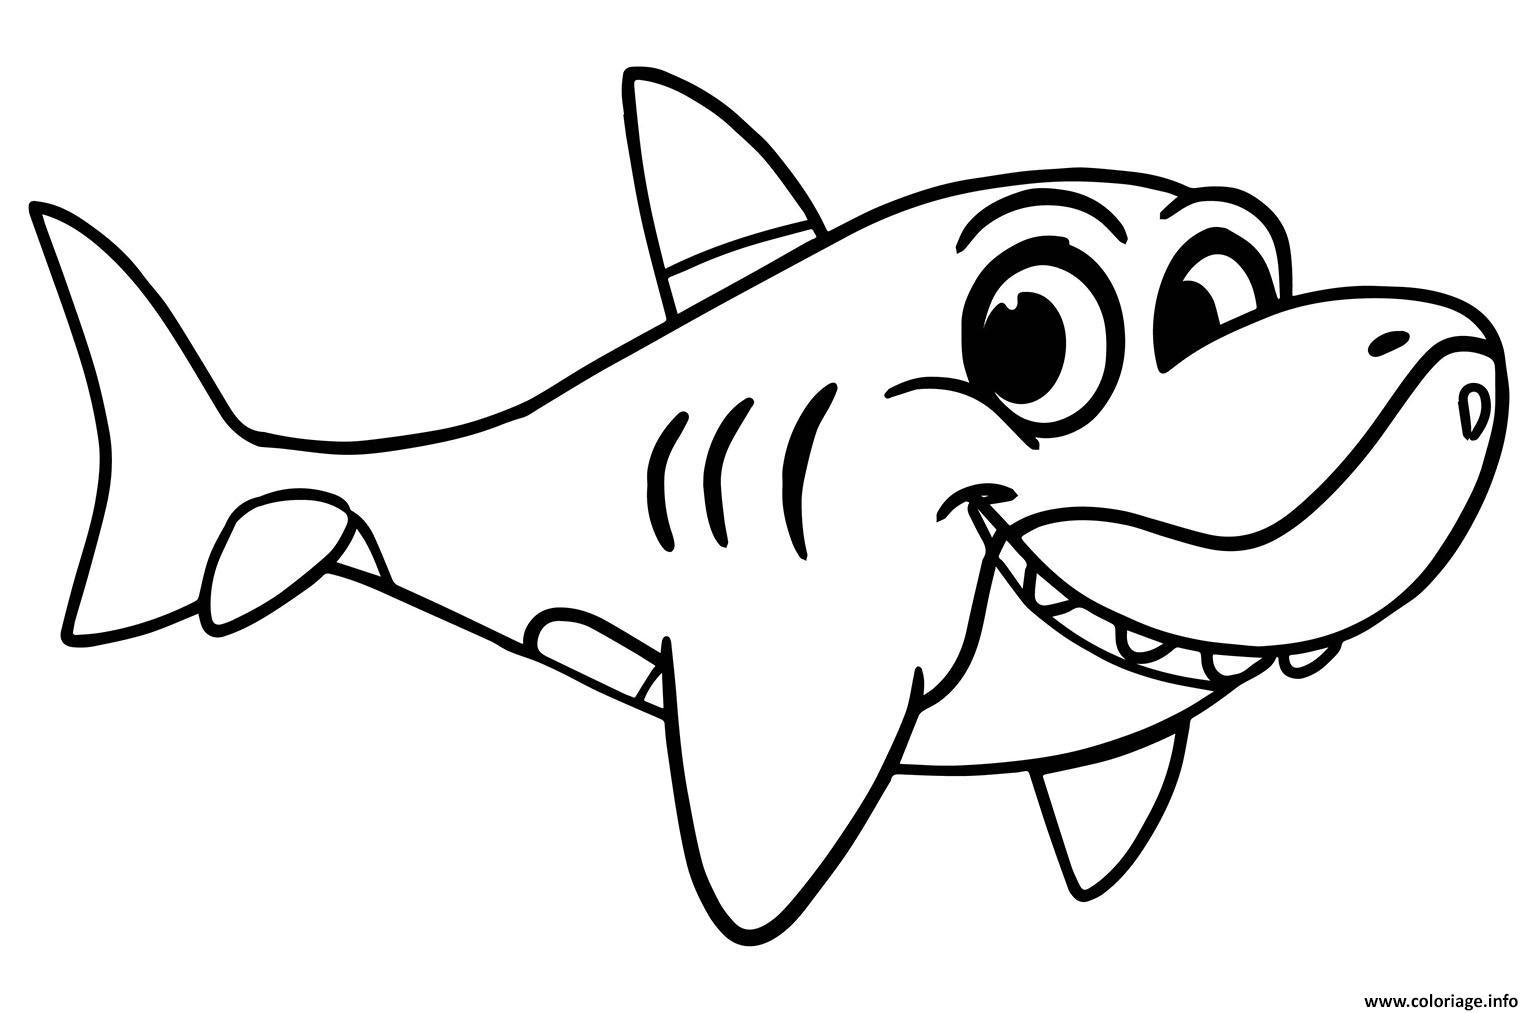 Dessin requin facile simple animal marin Coloriage Gratuit à Imprimer